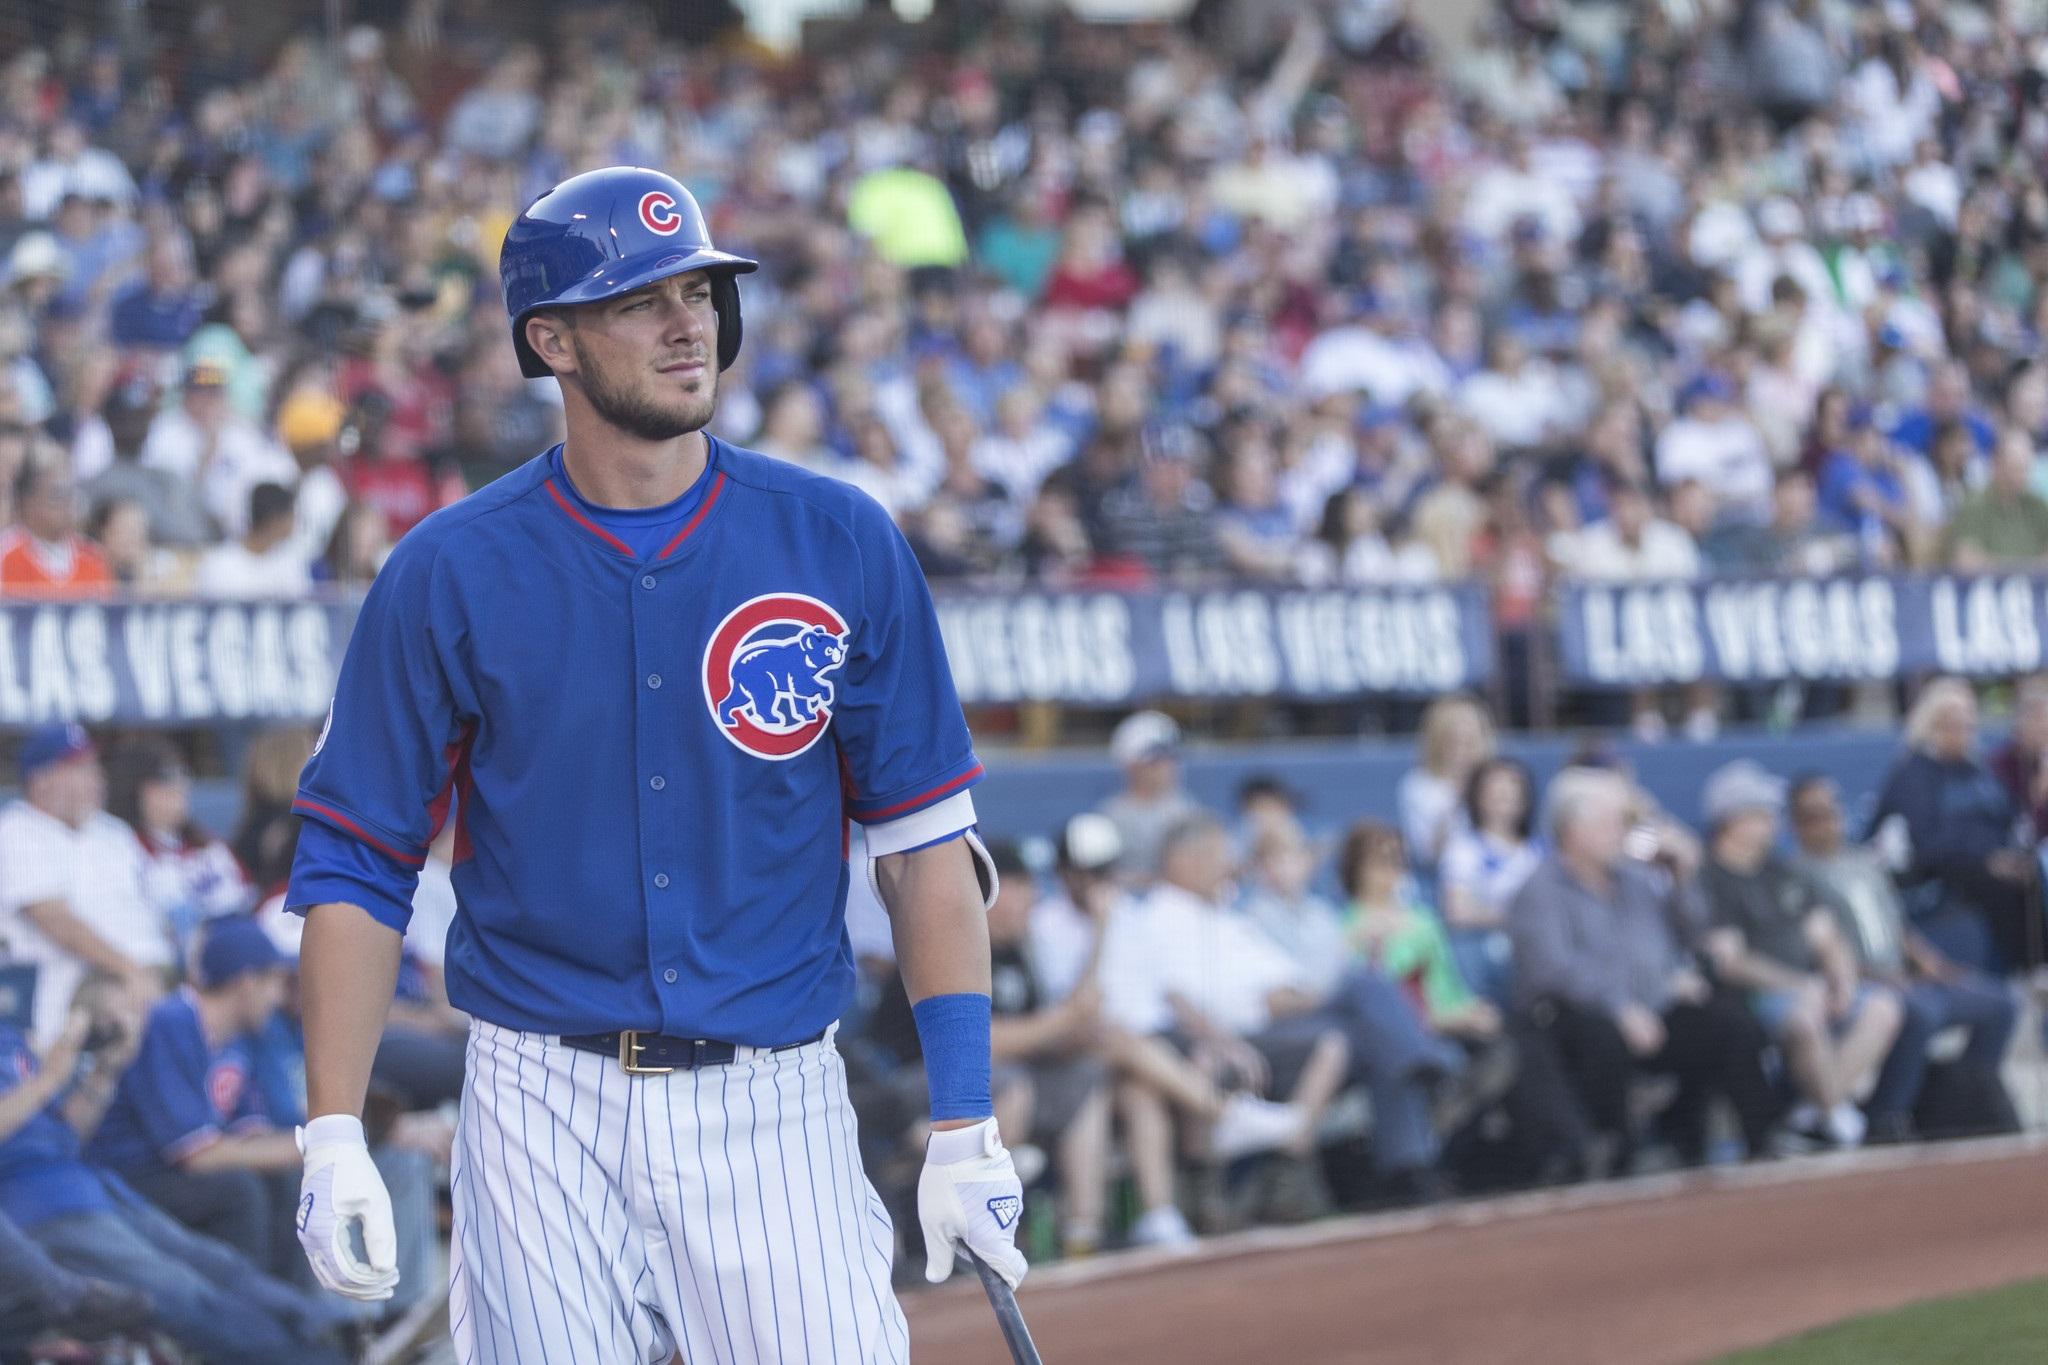 Photo credit: chicagotribune.com